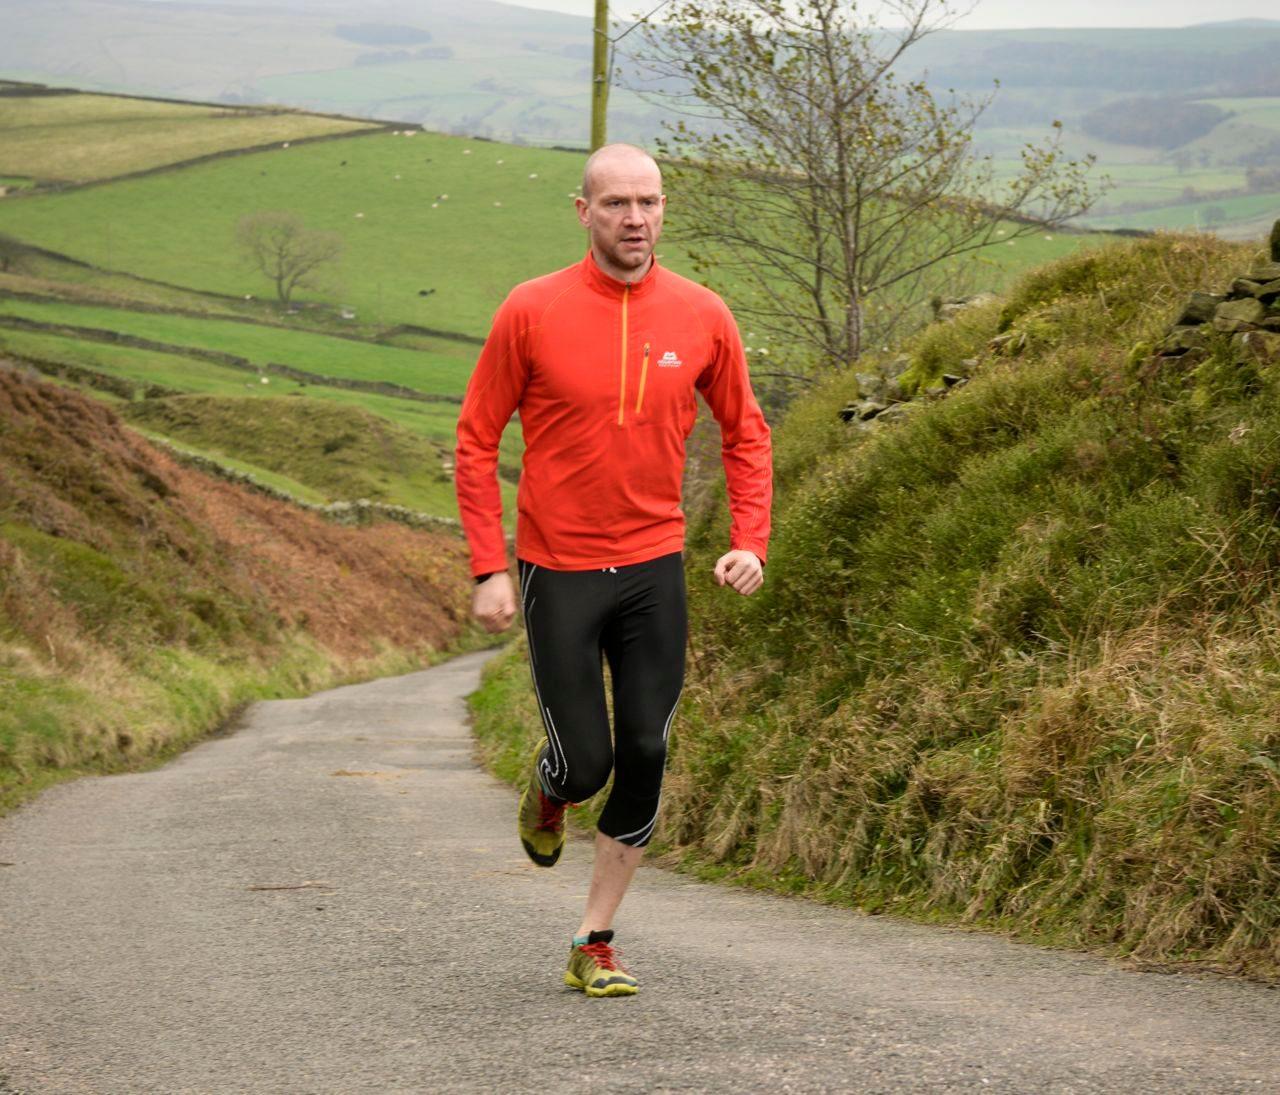 Nik Cook running up a hill